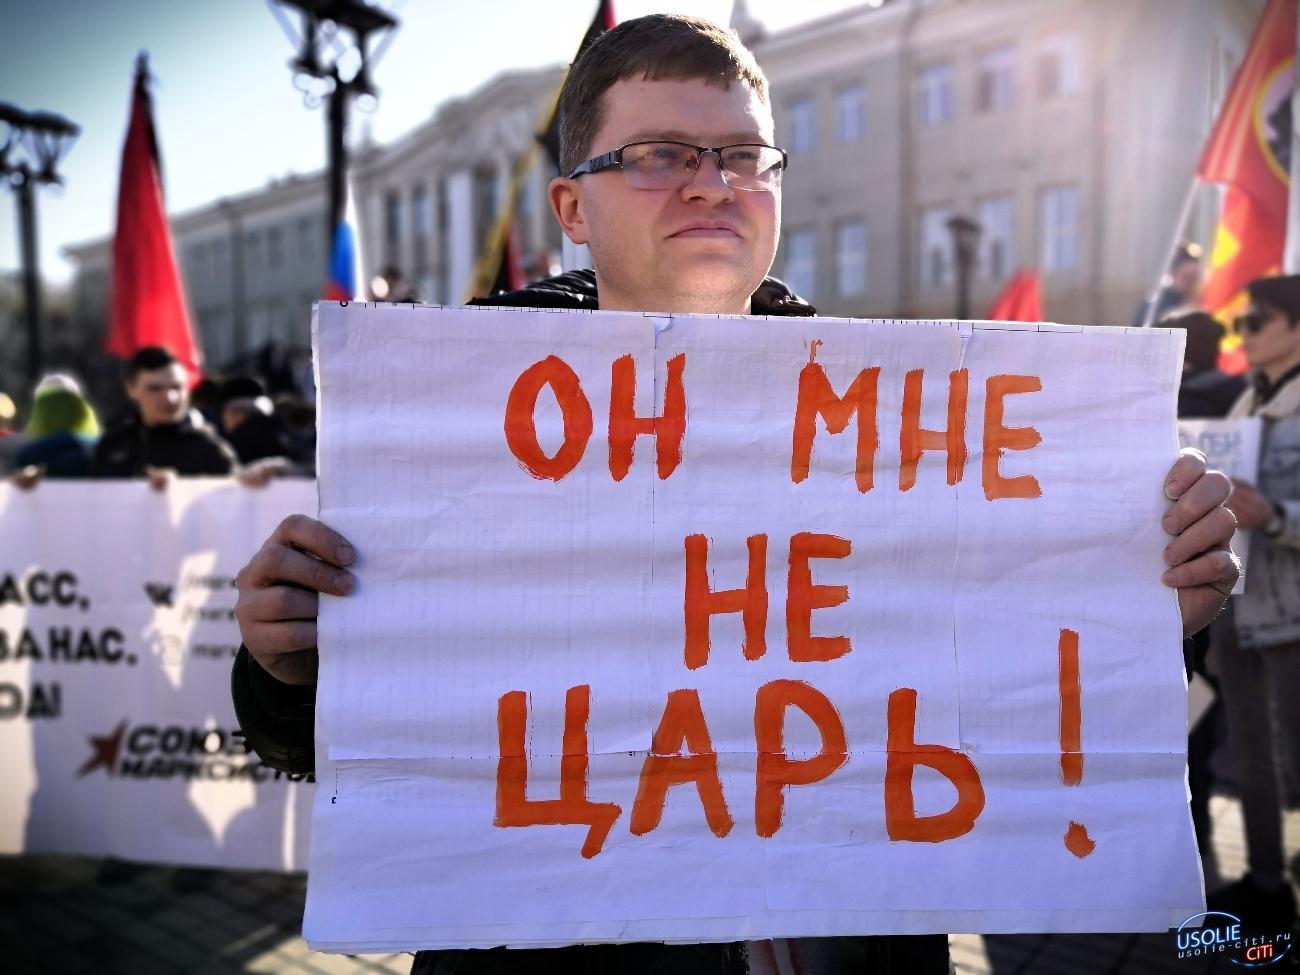 У цирка: Усольчане выступили в Иркутске против власти